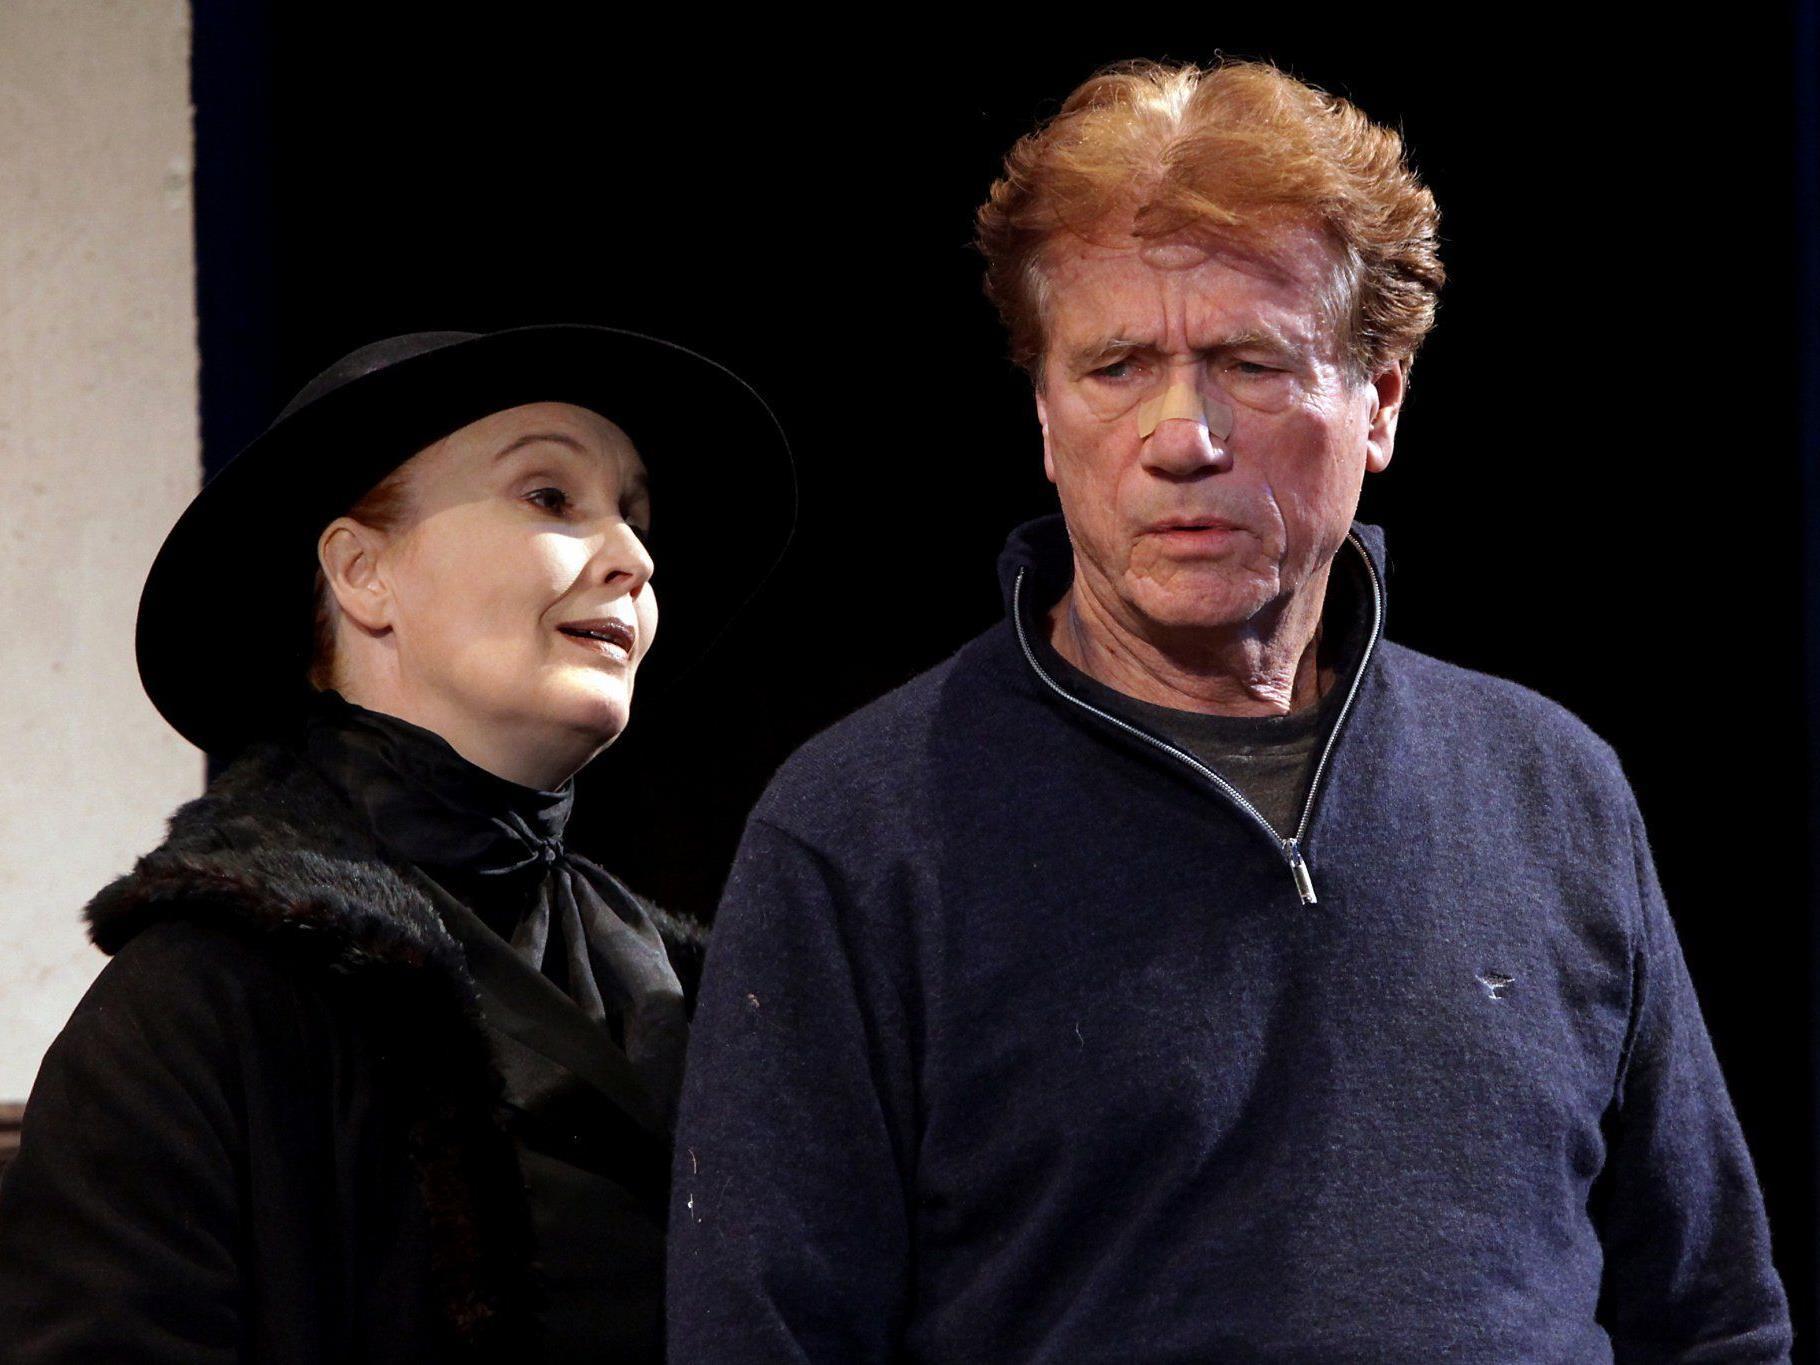 Jürgen Prochnow (Sharky) mit der geheimnisvollen Gestalt Mr. Lockhart (Verena Wengler).